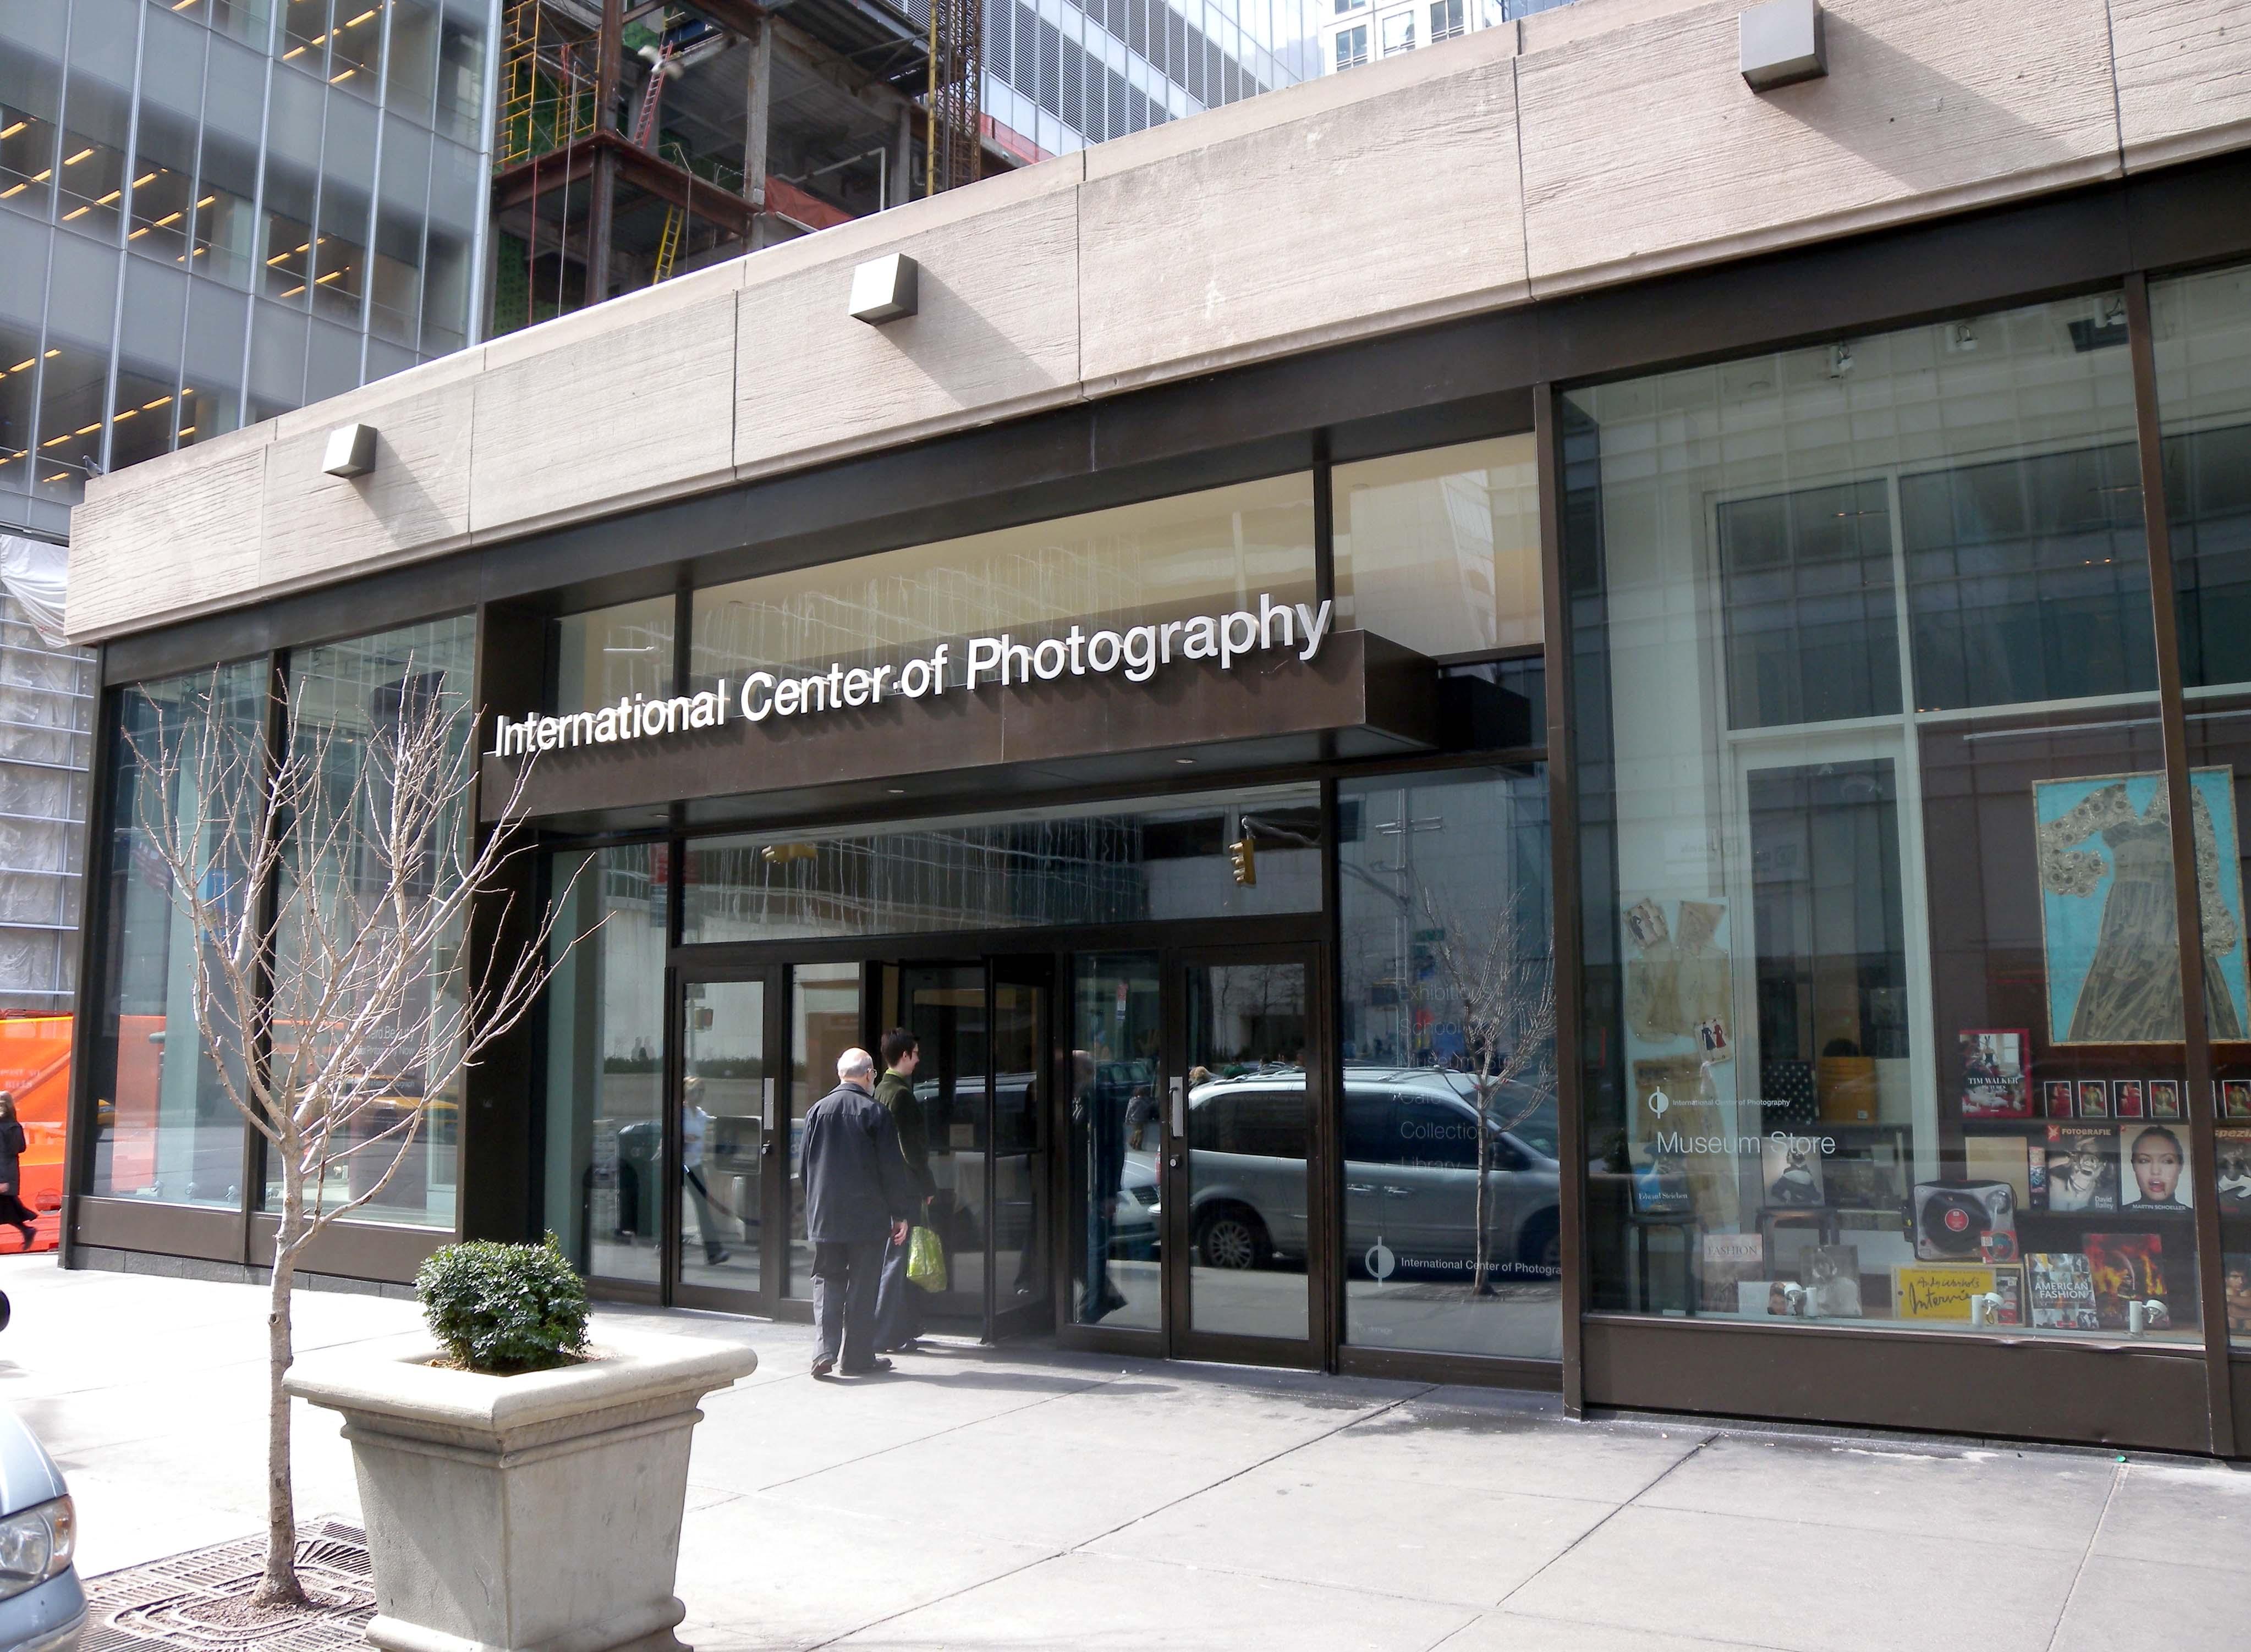 b84cb4aa30e International Center of Photography - Wikipedia